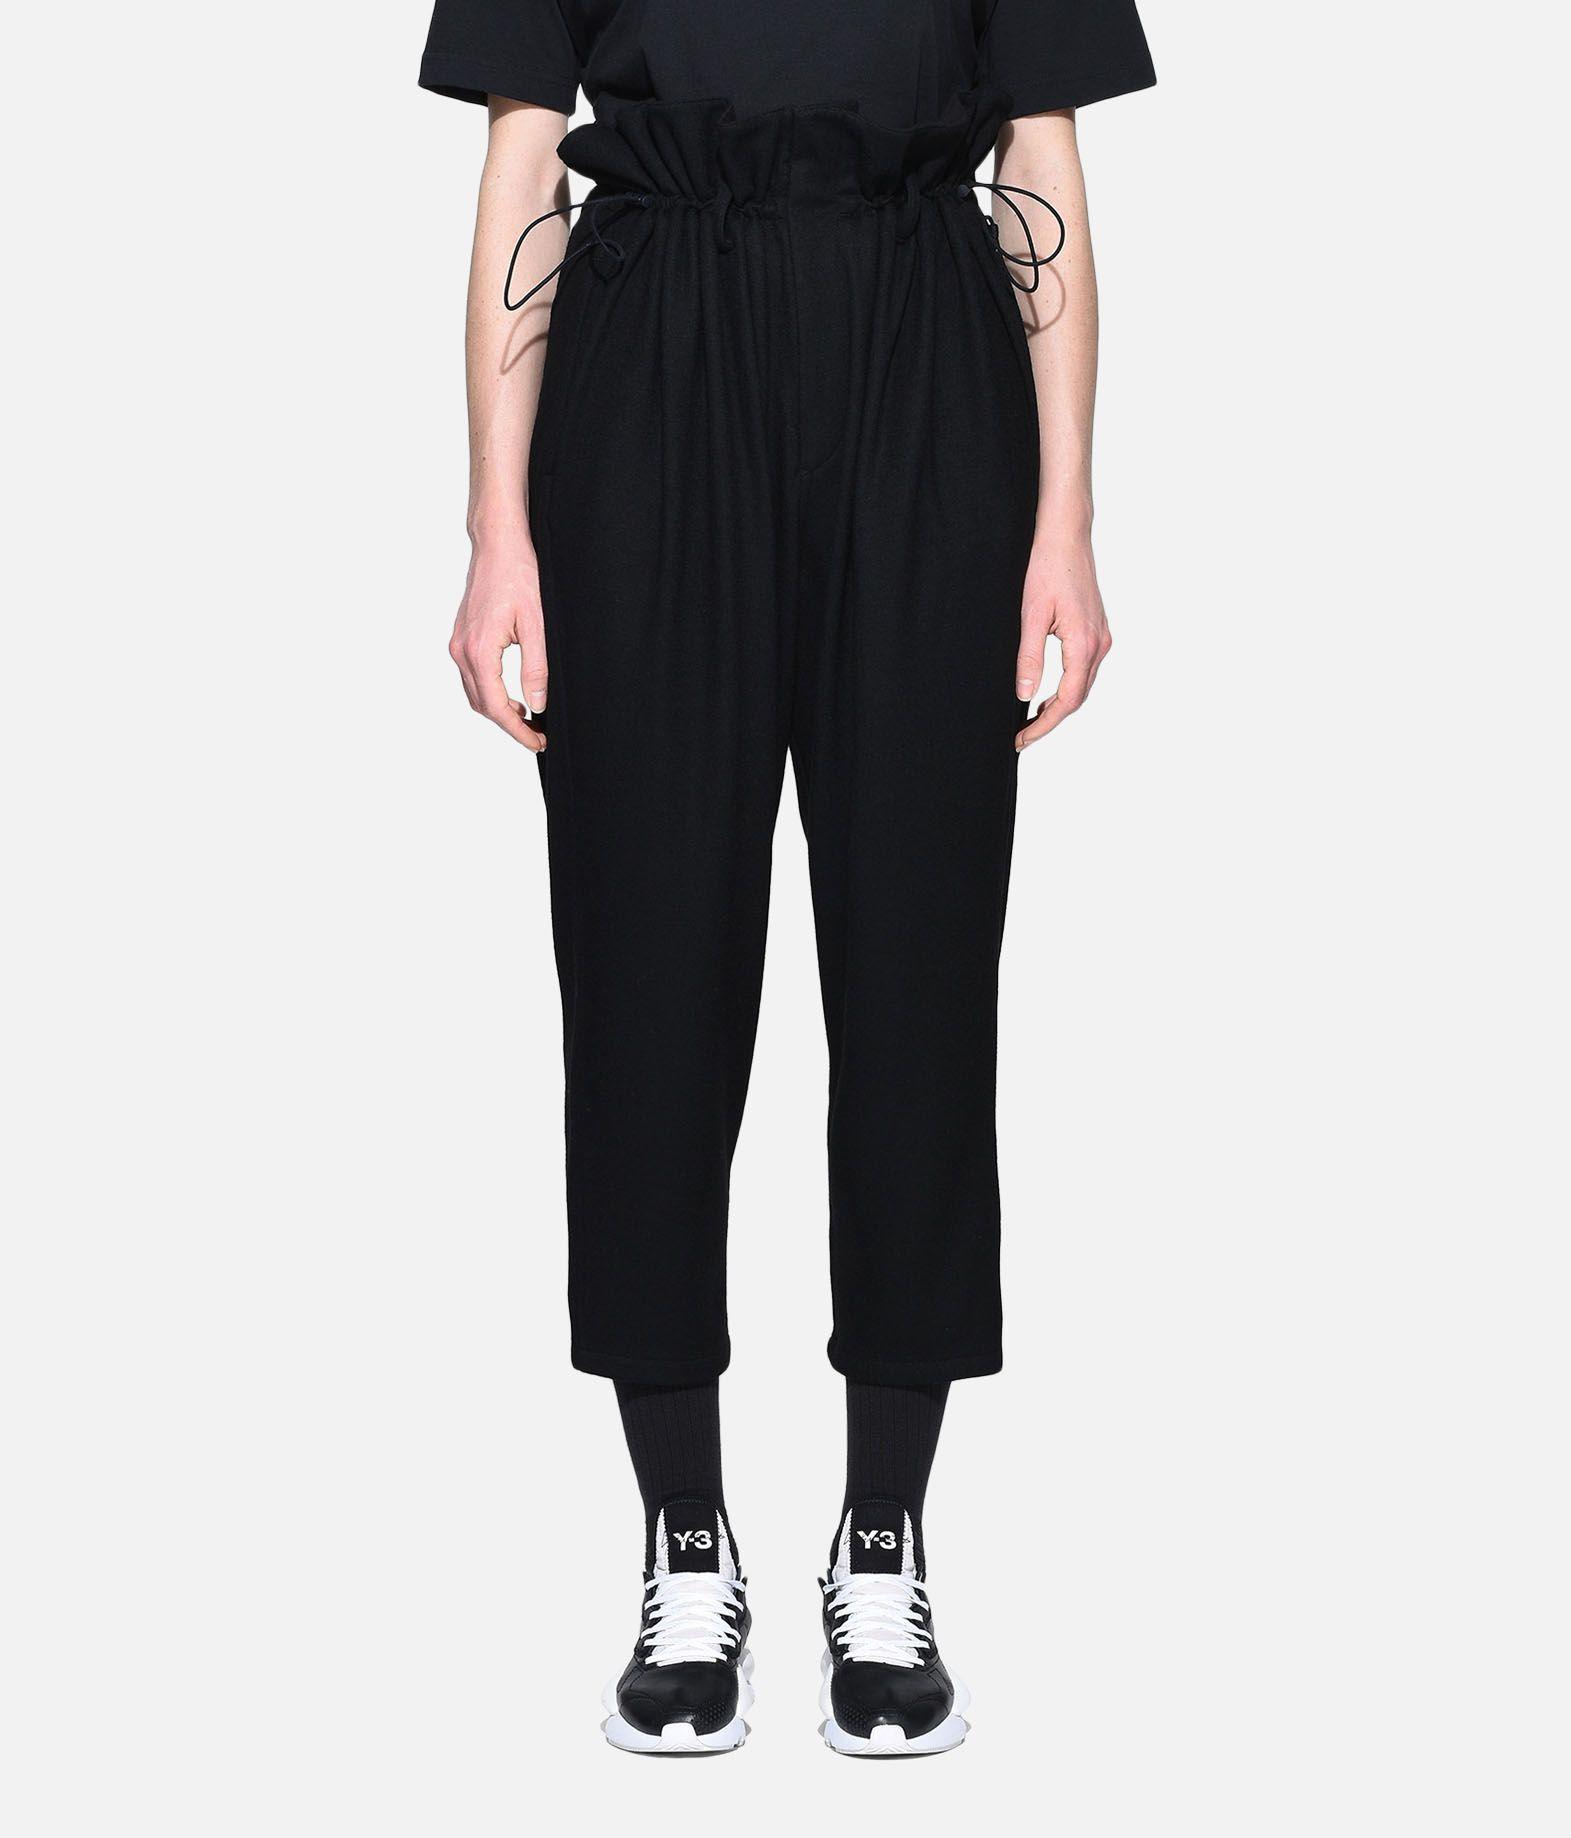 Y-3 Y-3 High Waist Wool Pants Casual pants Woman r